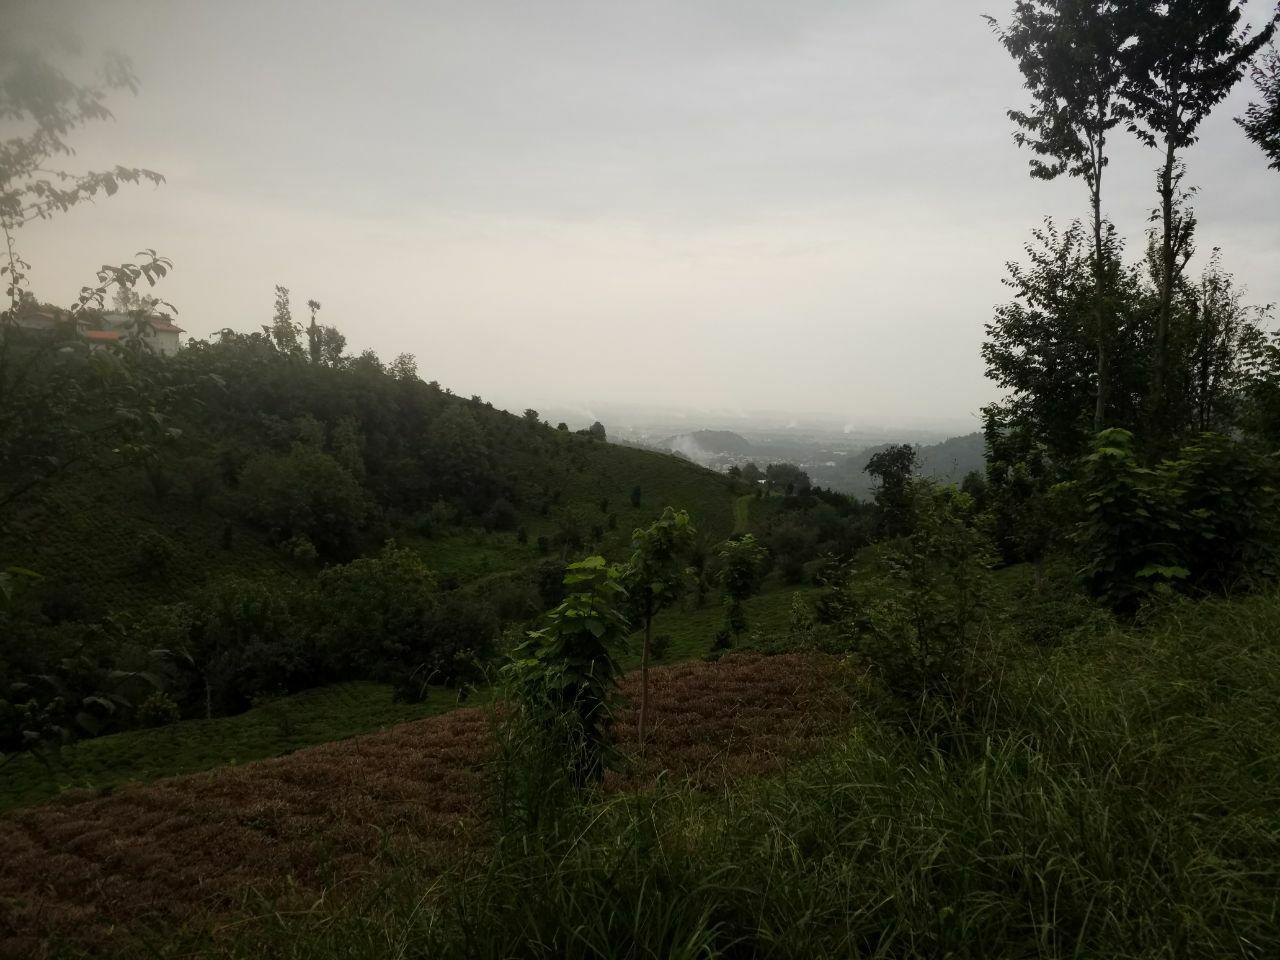 فروش زمین باغ 400 متری رانکوه